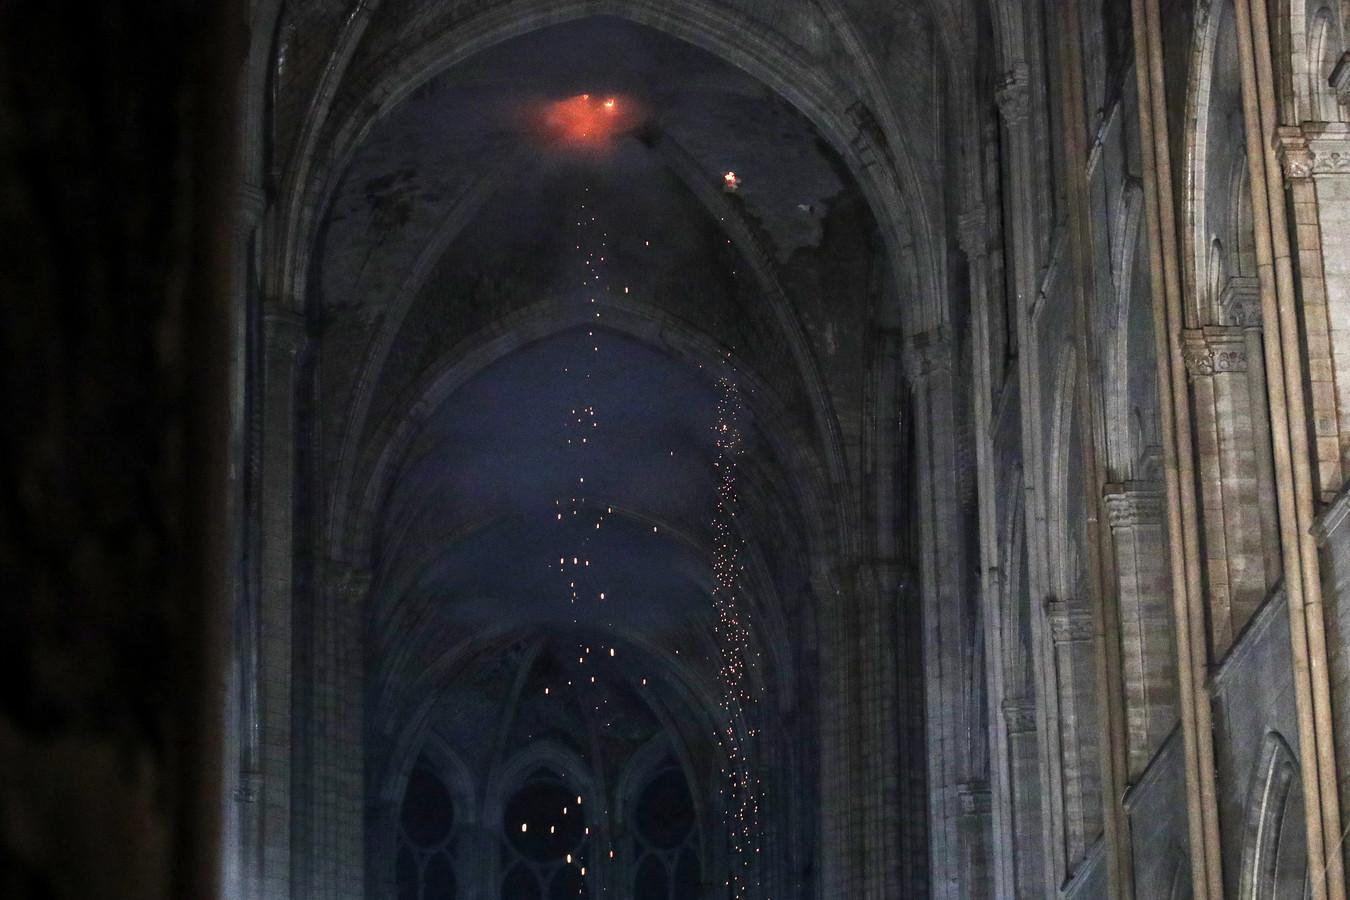 Vuur vreet zich een weg naar de binnenkant van de kerk. Het regent vonken.